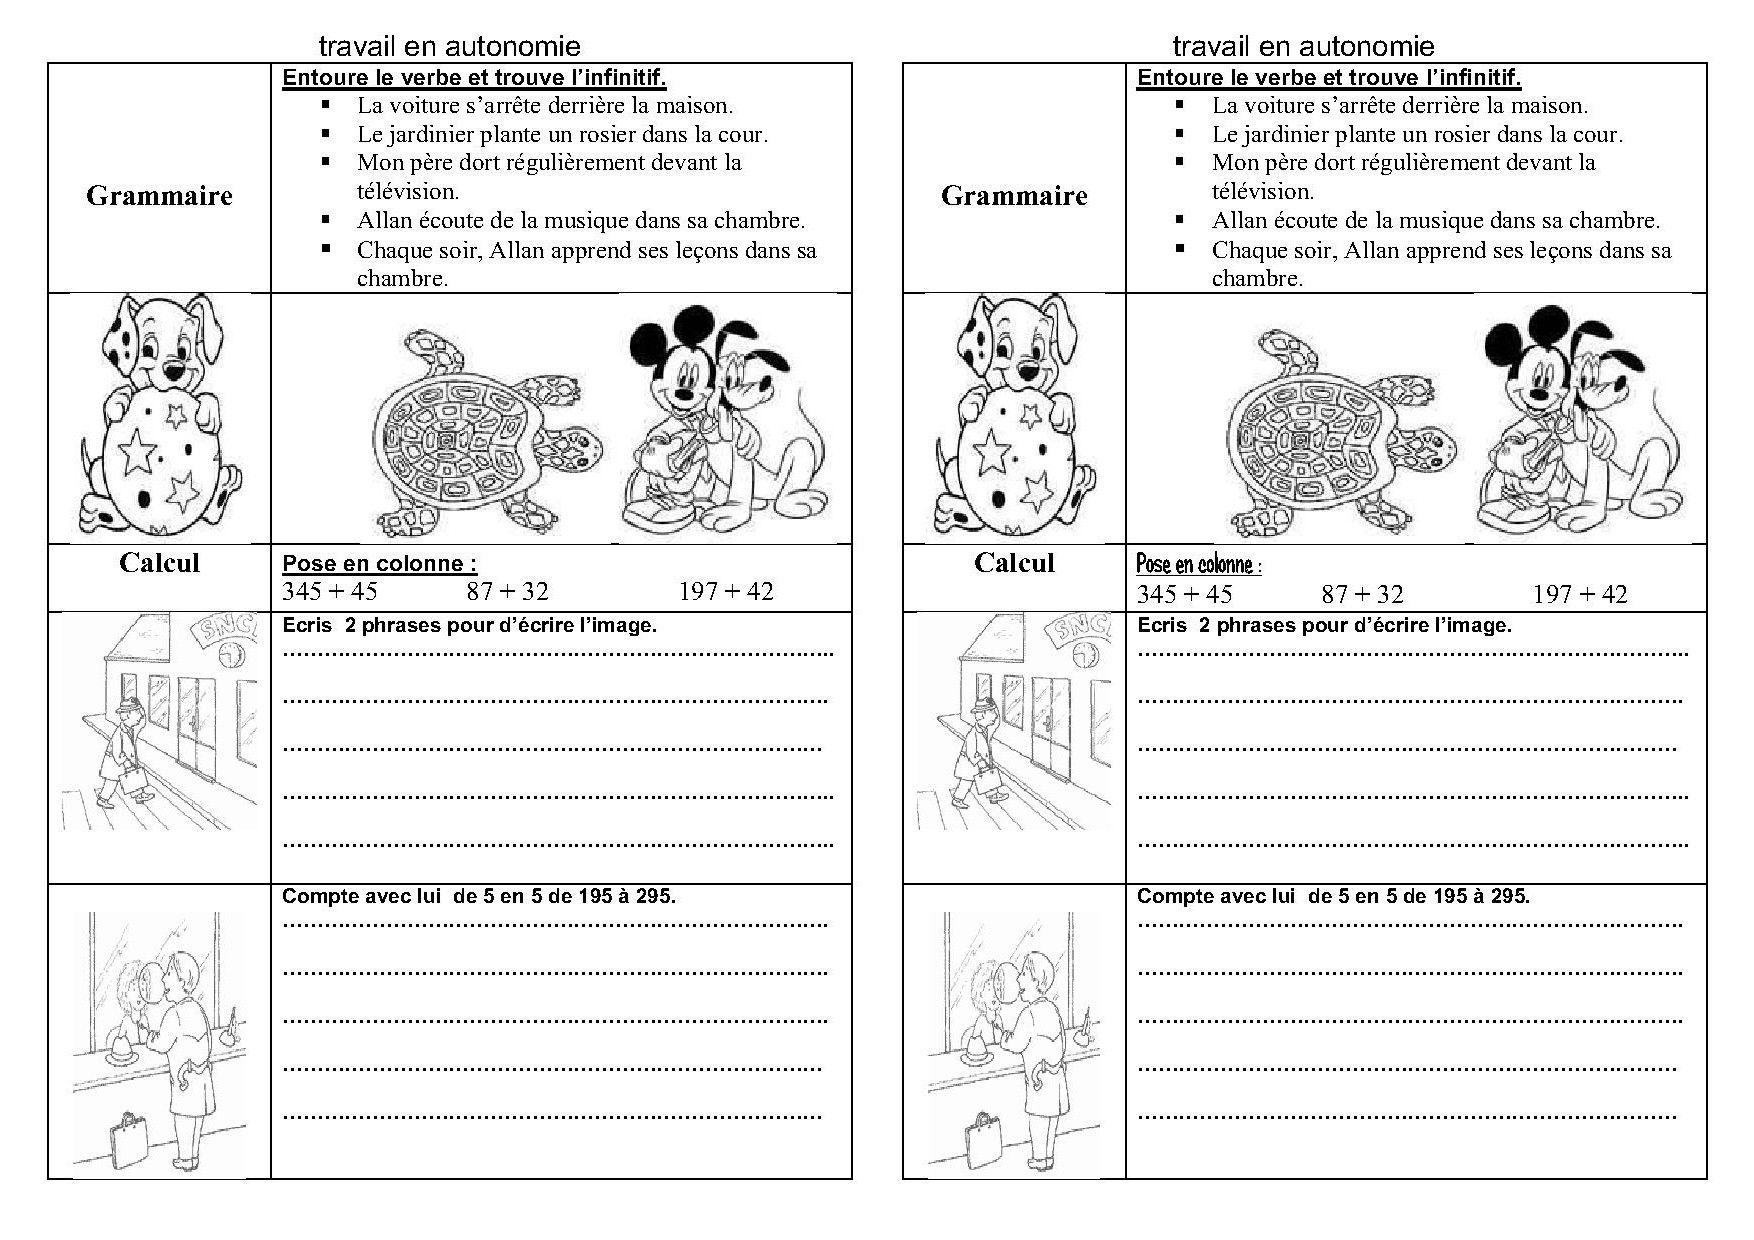 Fiches Et Travail En Autonomie Ce1,ce2 En Français Et Maths concernant Cours Ce2 A Imprimer